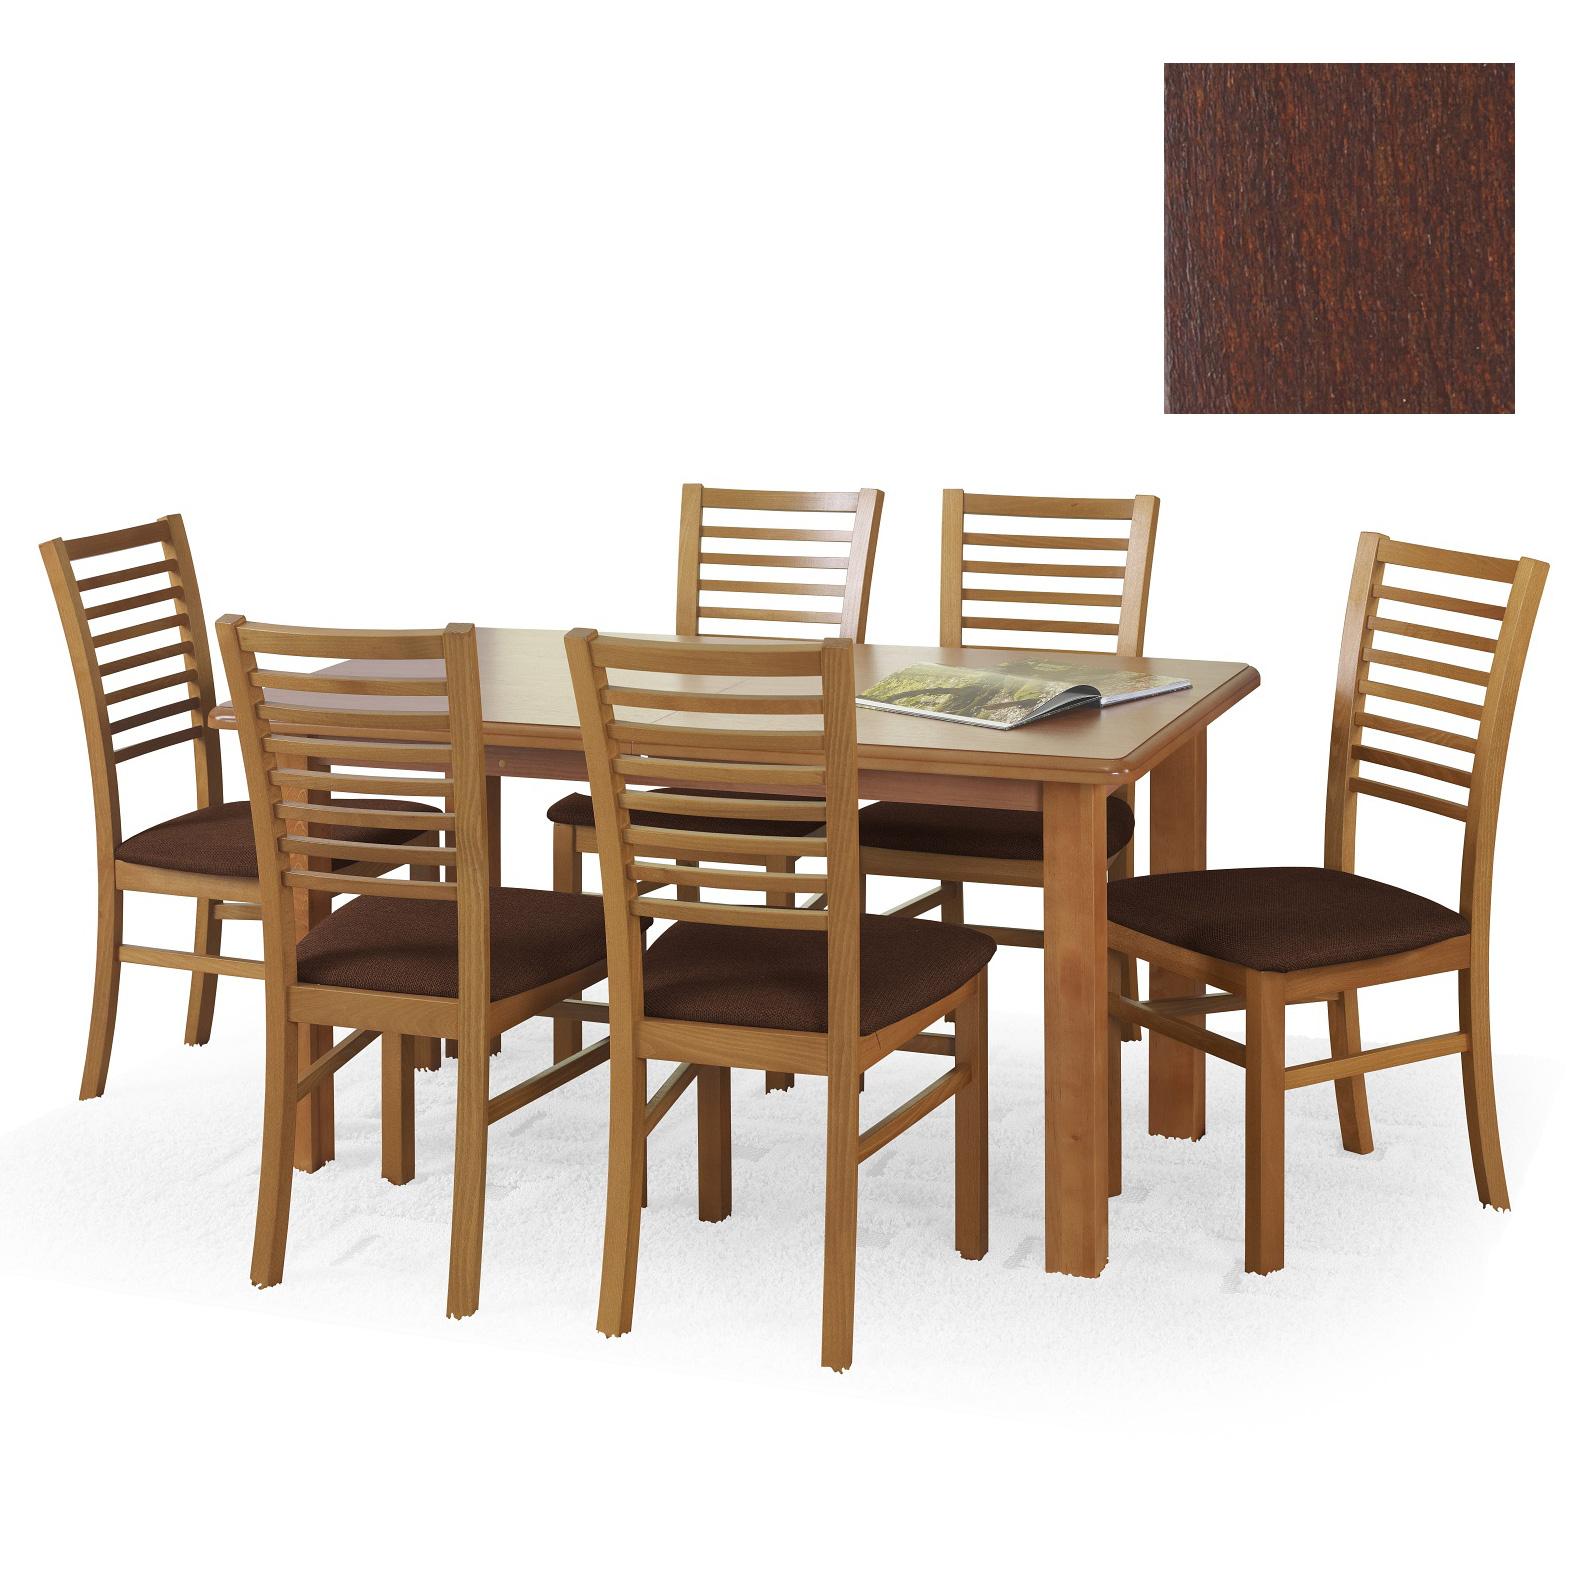 Penelope naturlig fanér bord mörk valnöt 2395 kr Trendrum se